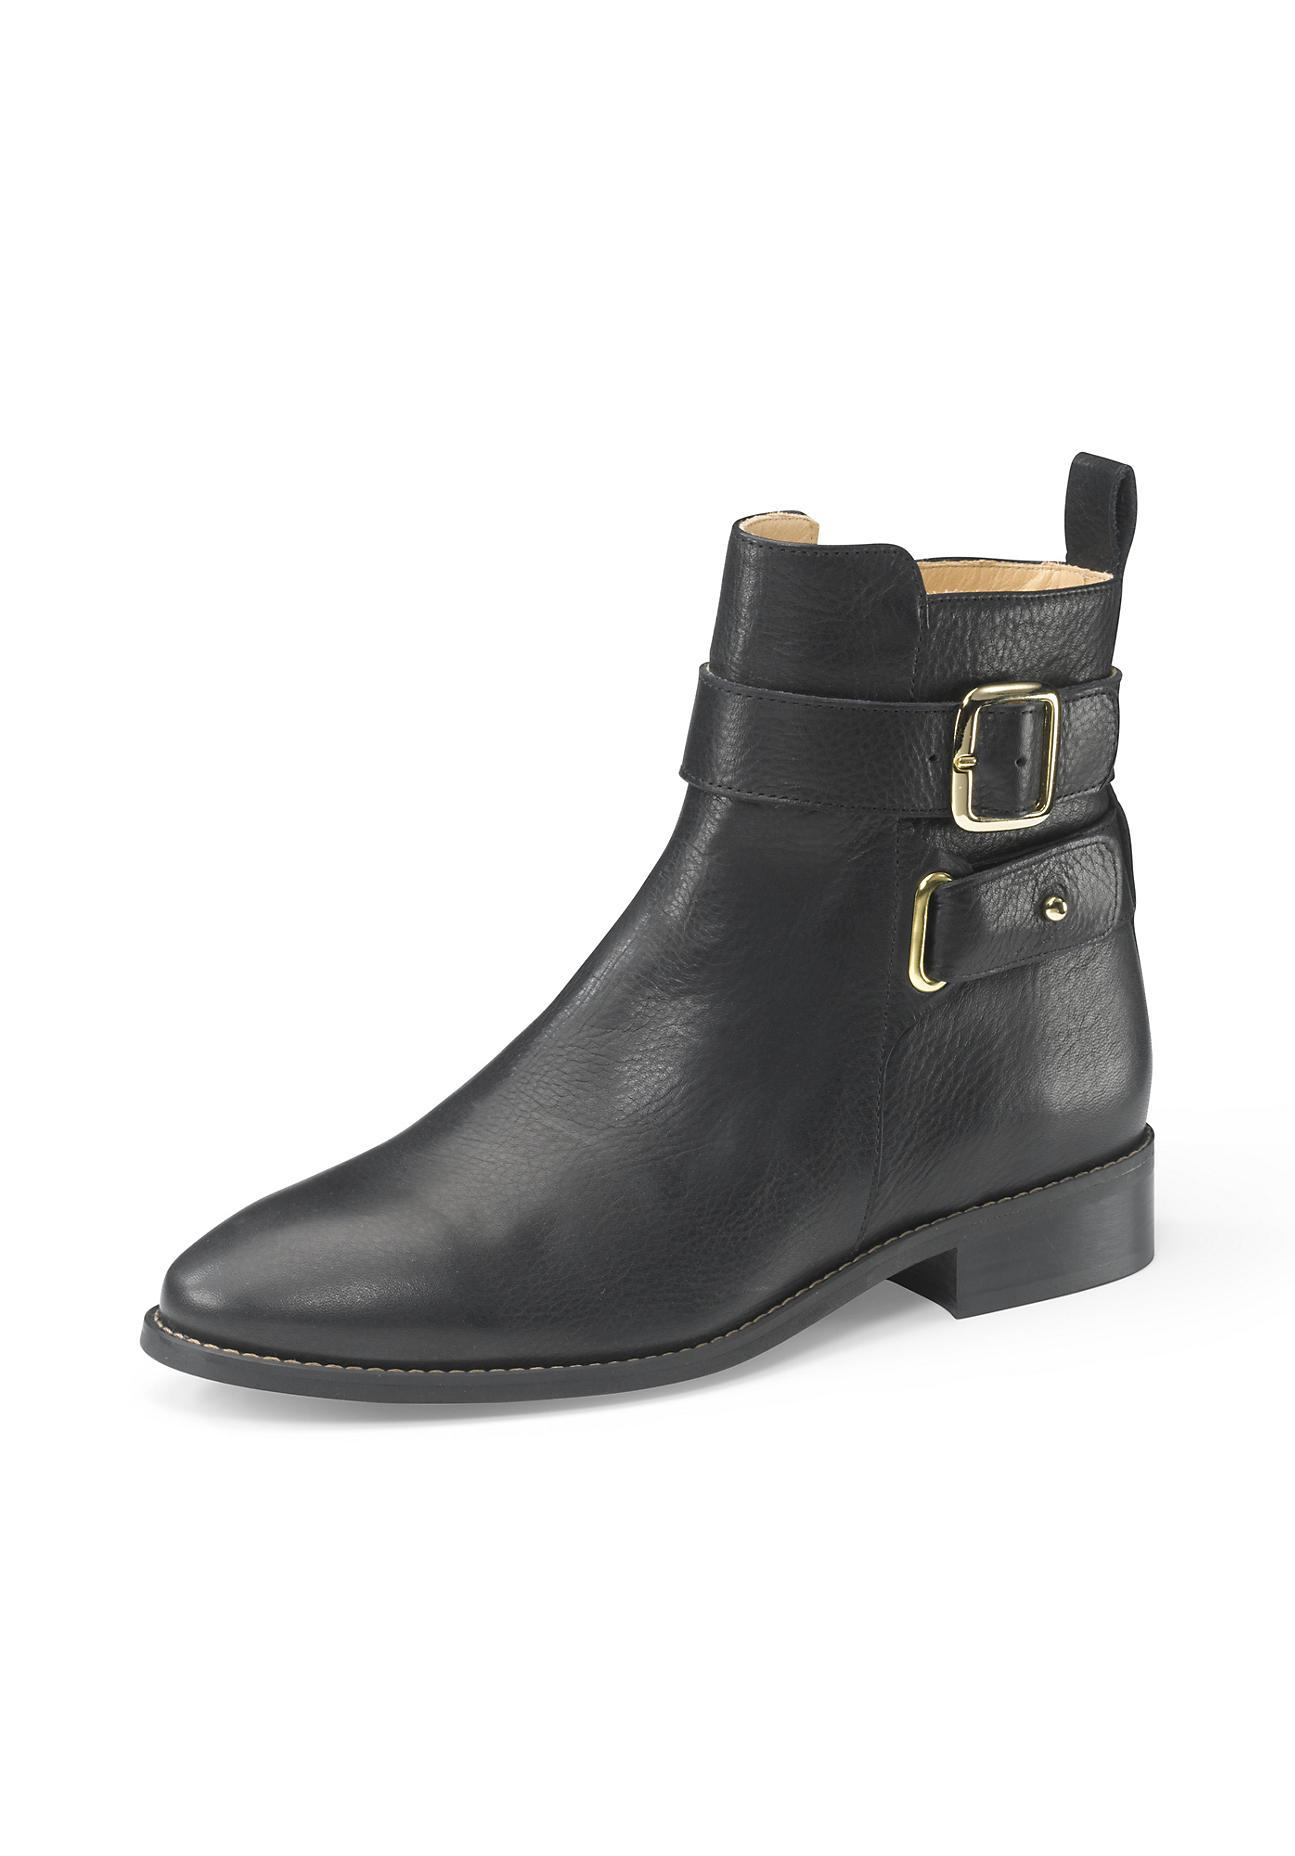 Stiefel - hessnatur Damen Damen Stiefelette aus Leder – schwarz –  - Onlineshop Hessnatur